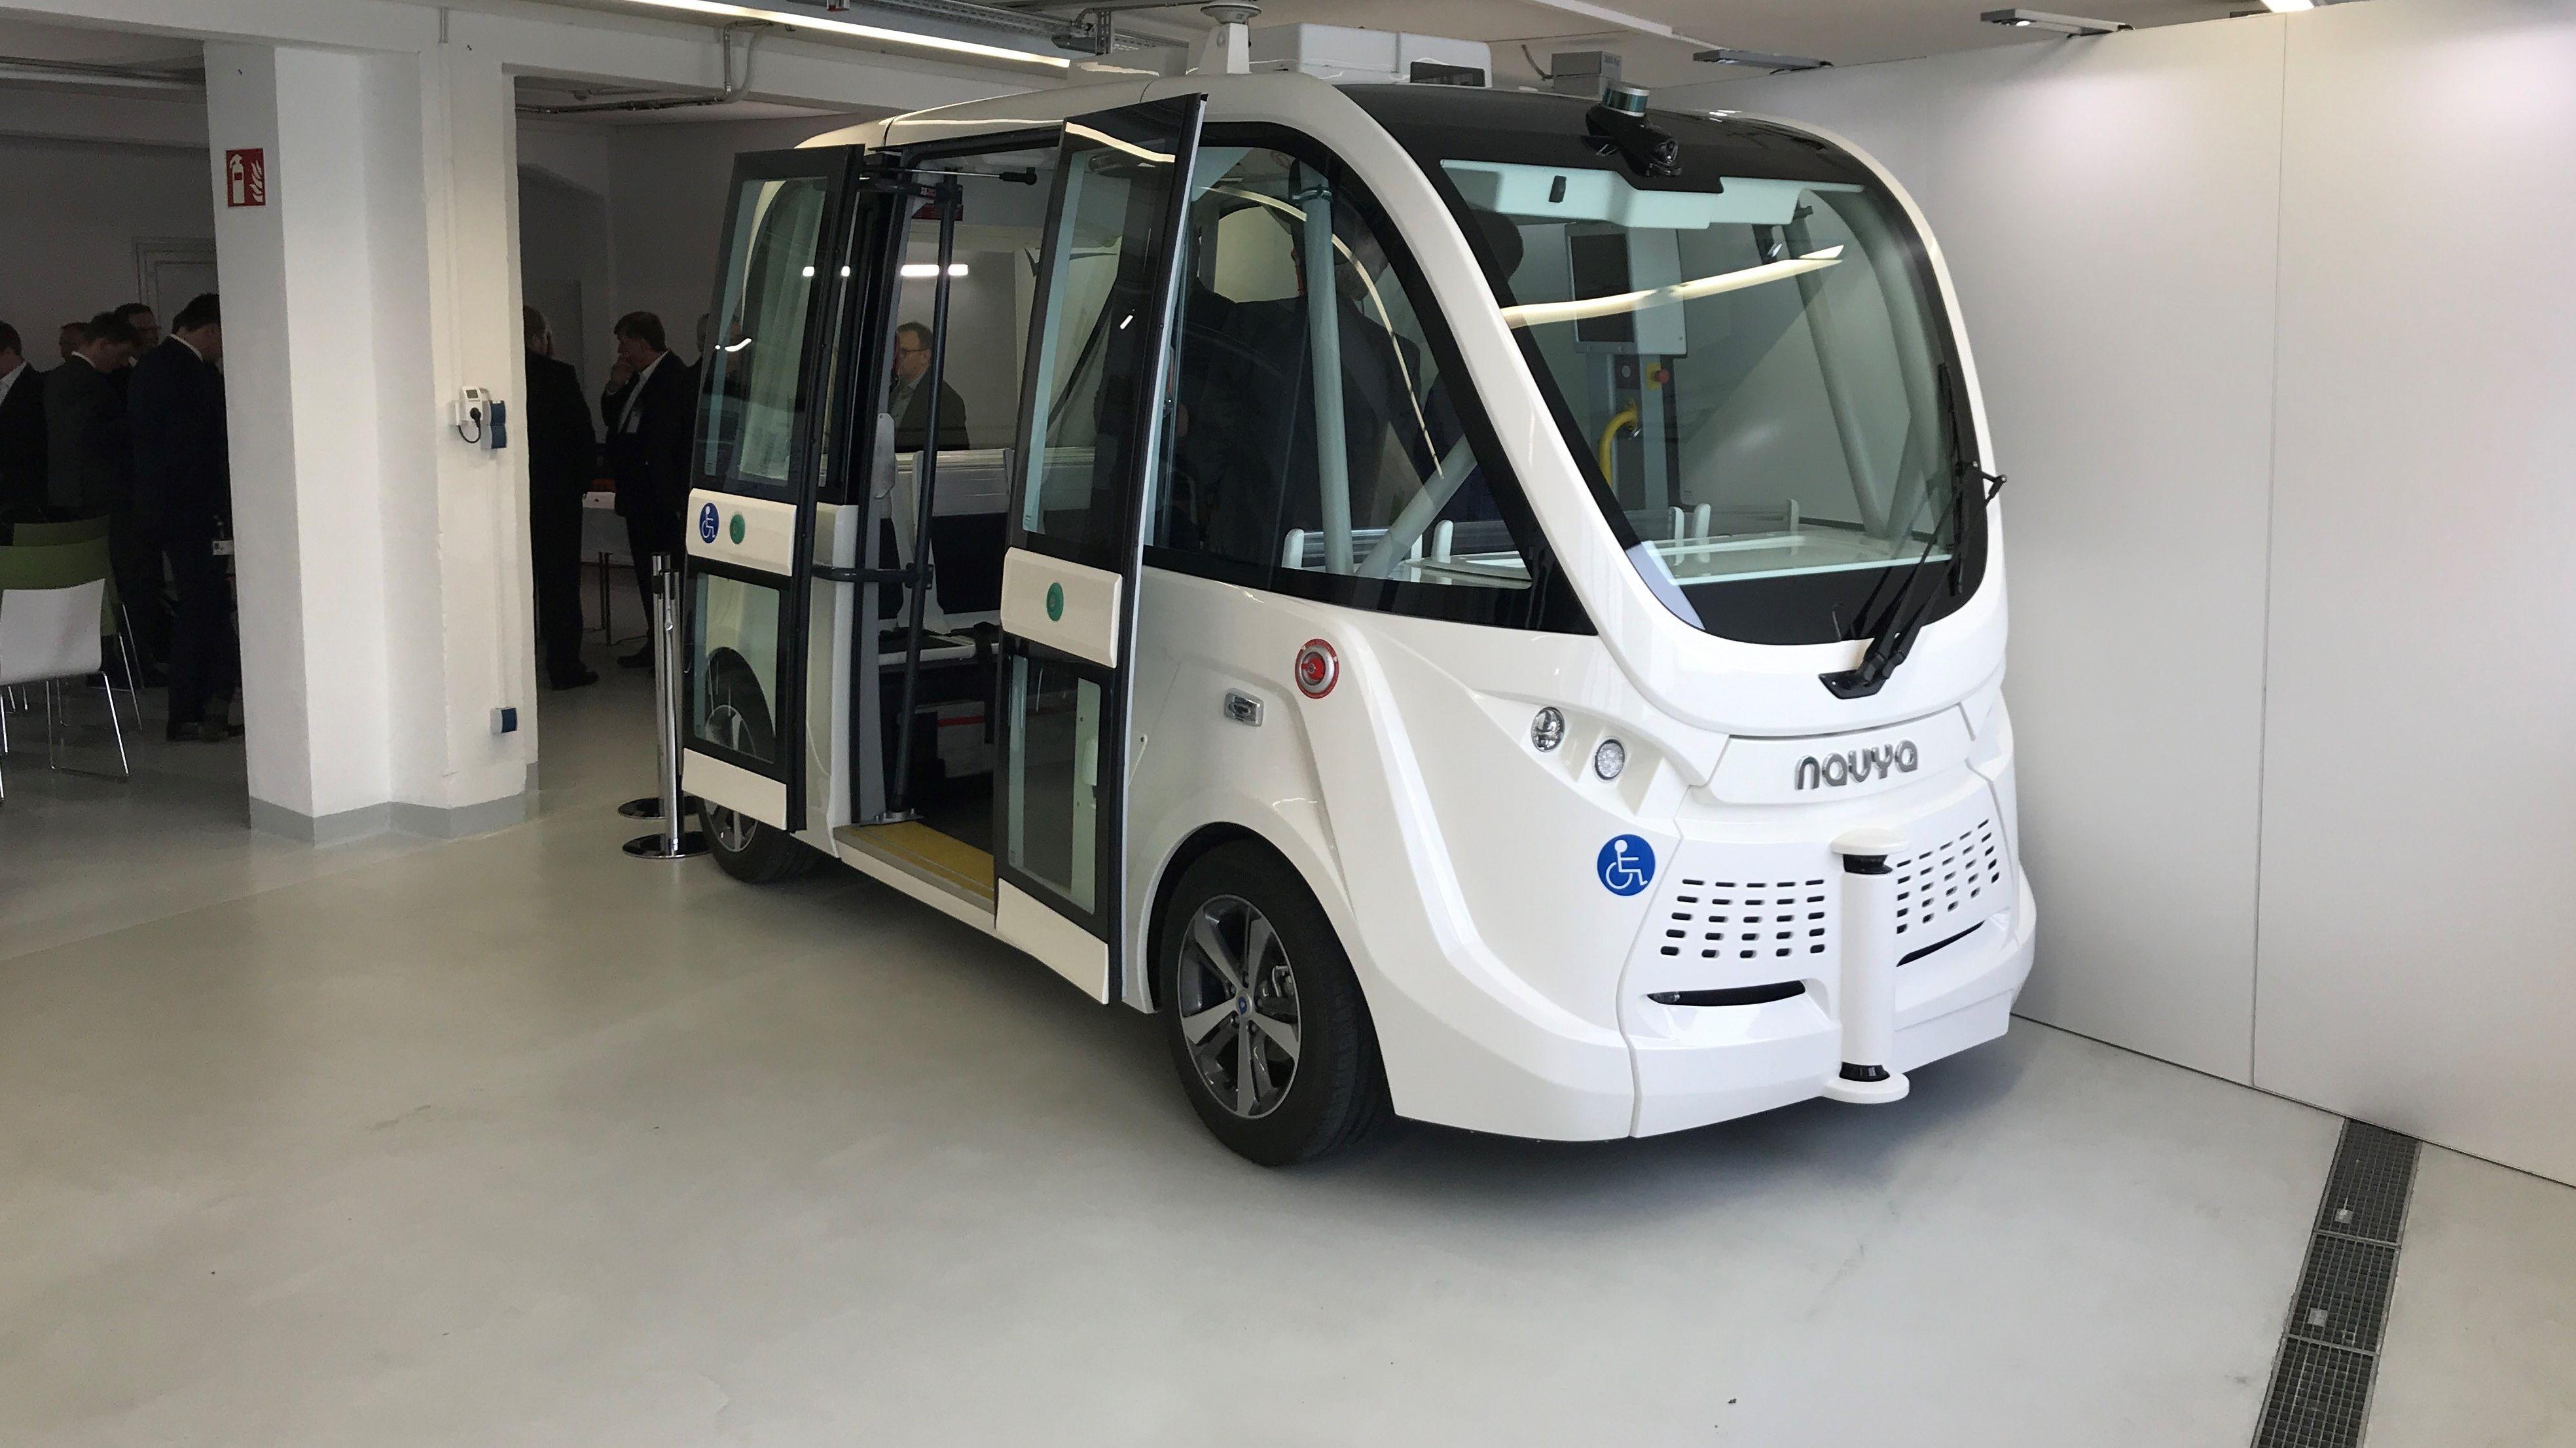 Ein autonom fahrender Bus mit geöffneten Türen.